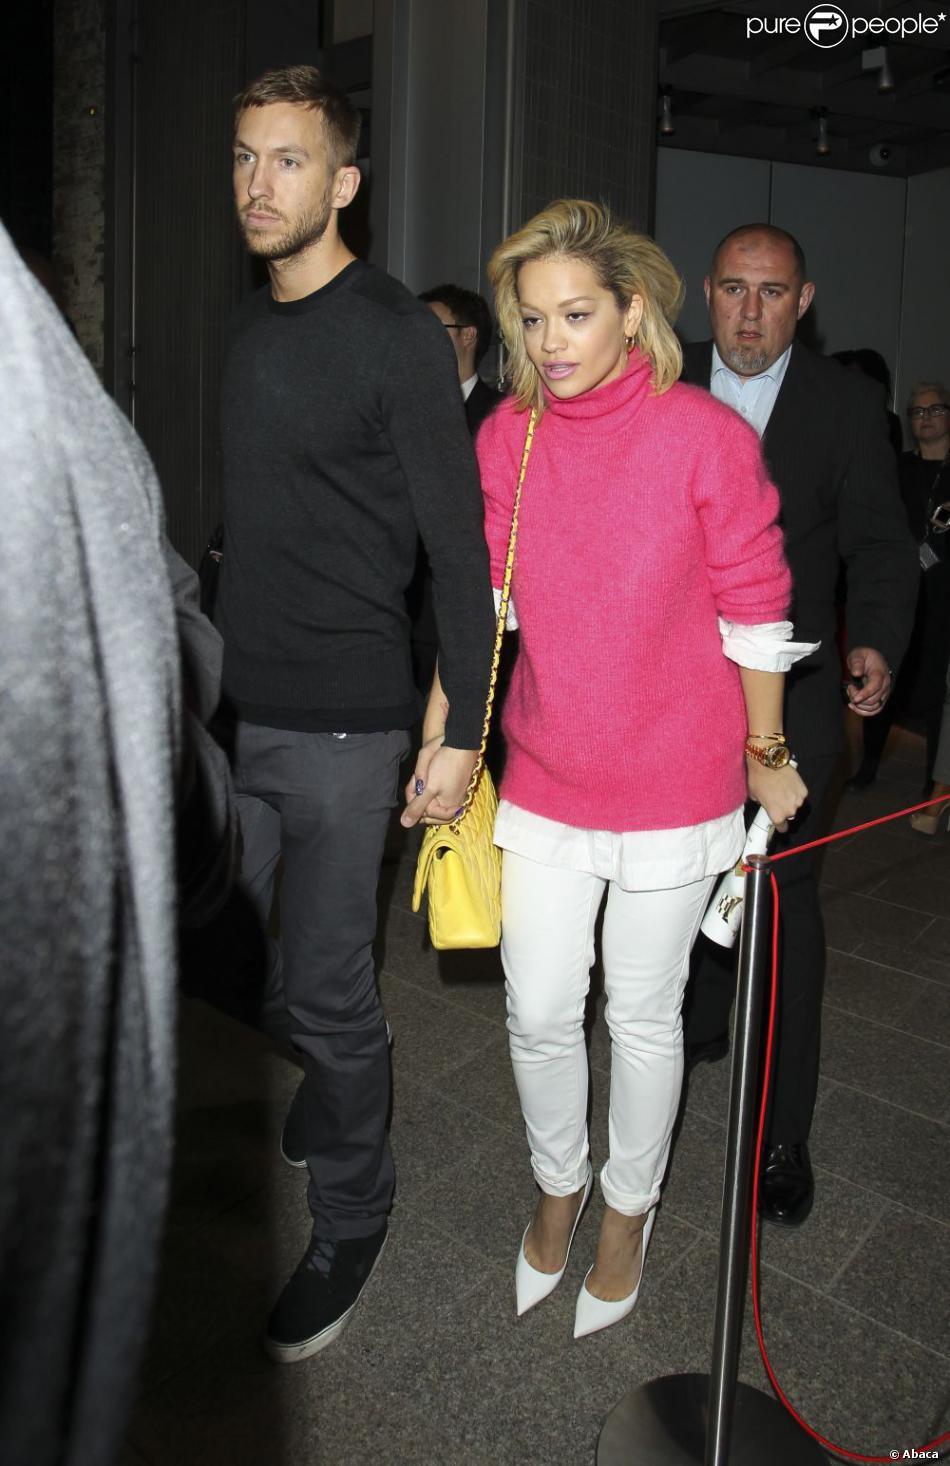 Rita Ora et Calvin Harris arrivent au building The Shard pour une écoute V.I.P de l'album Random Access Memories des Daft Punk. Londres, le 13 mai 2013.